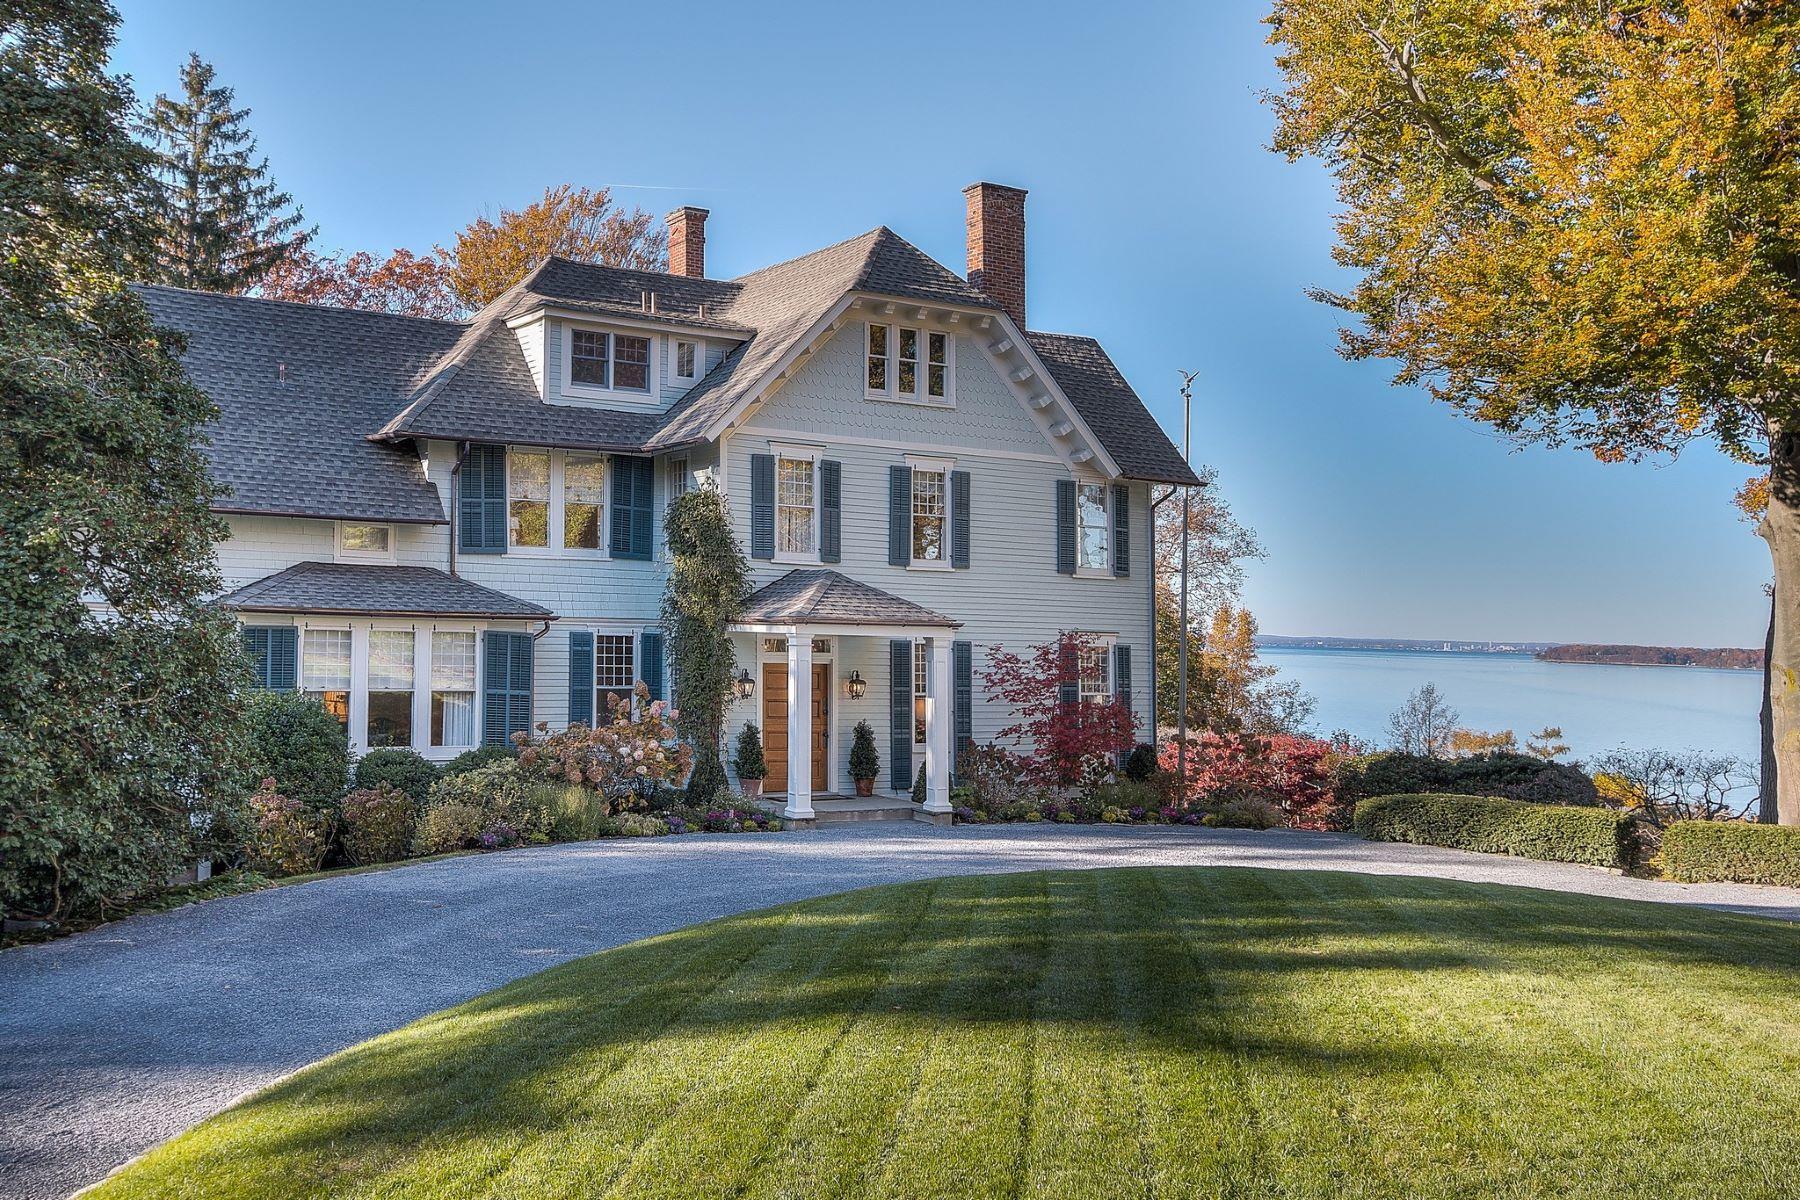 Immobilie zu verkaufen Laurel Hollow